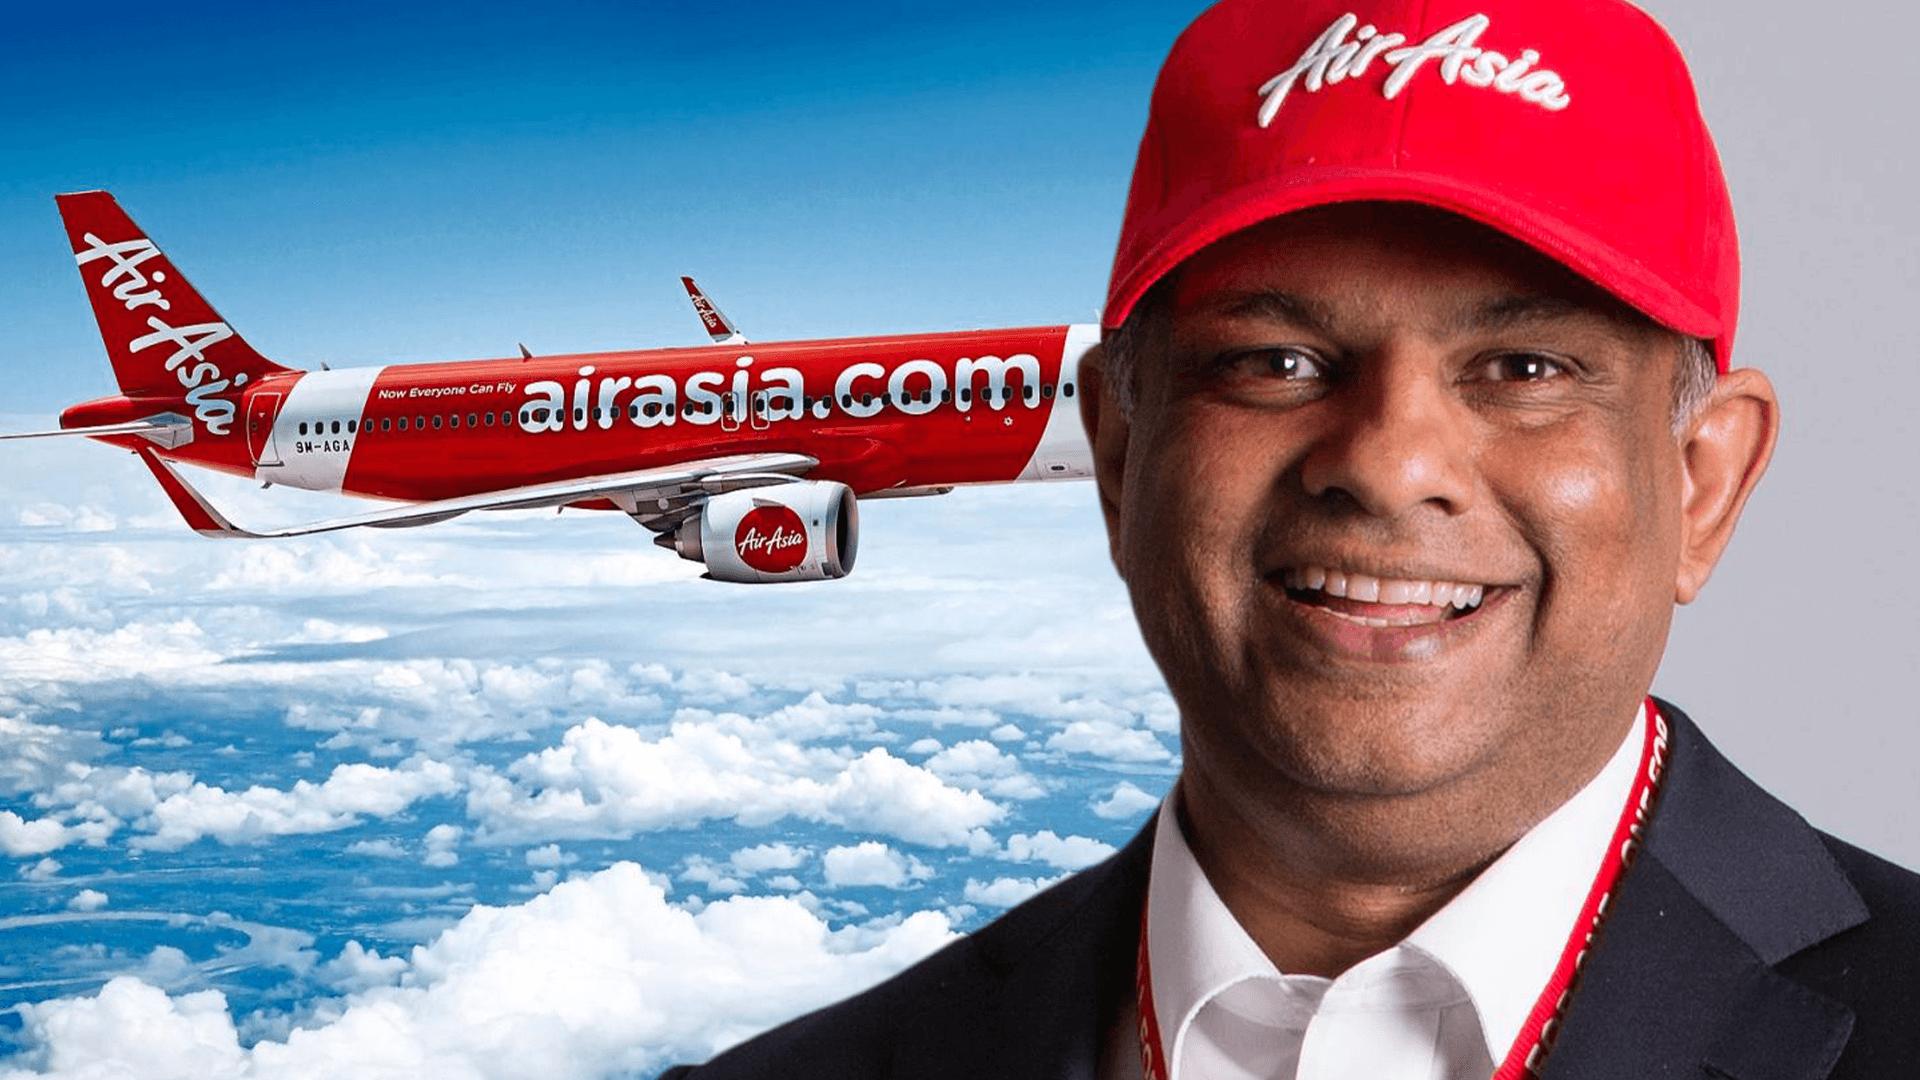 AirAsia dijual RM1? – 10 Perkara Tony Fernandes yang Anda Mungkin Tidak Tahu